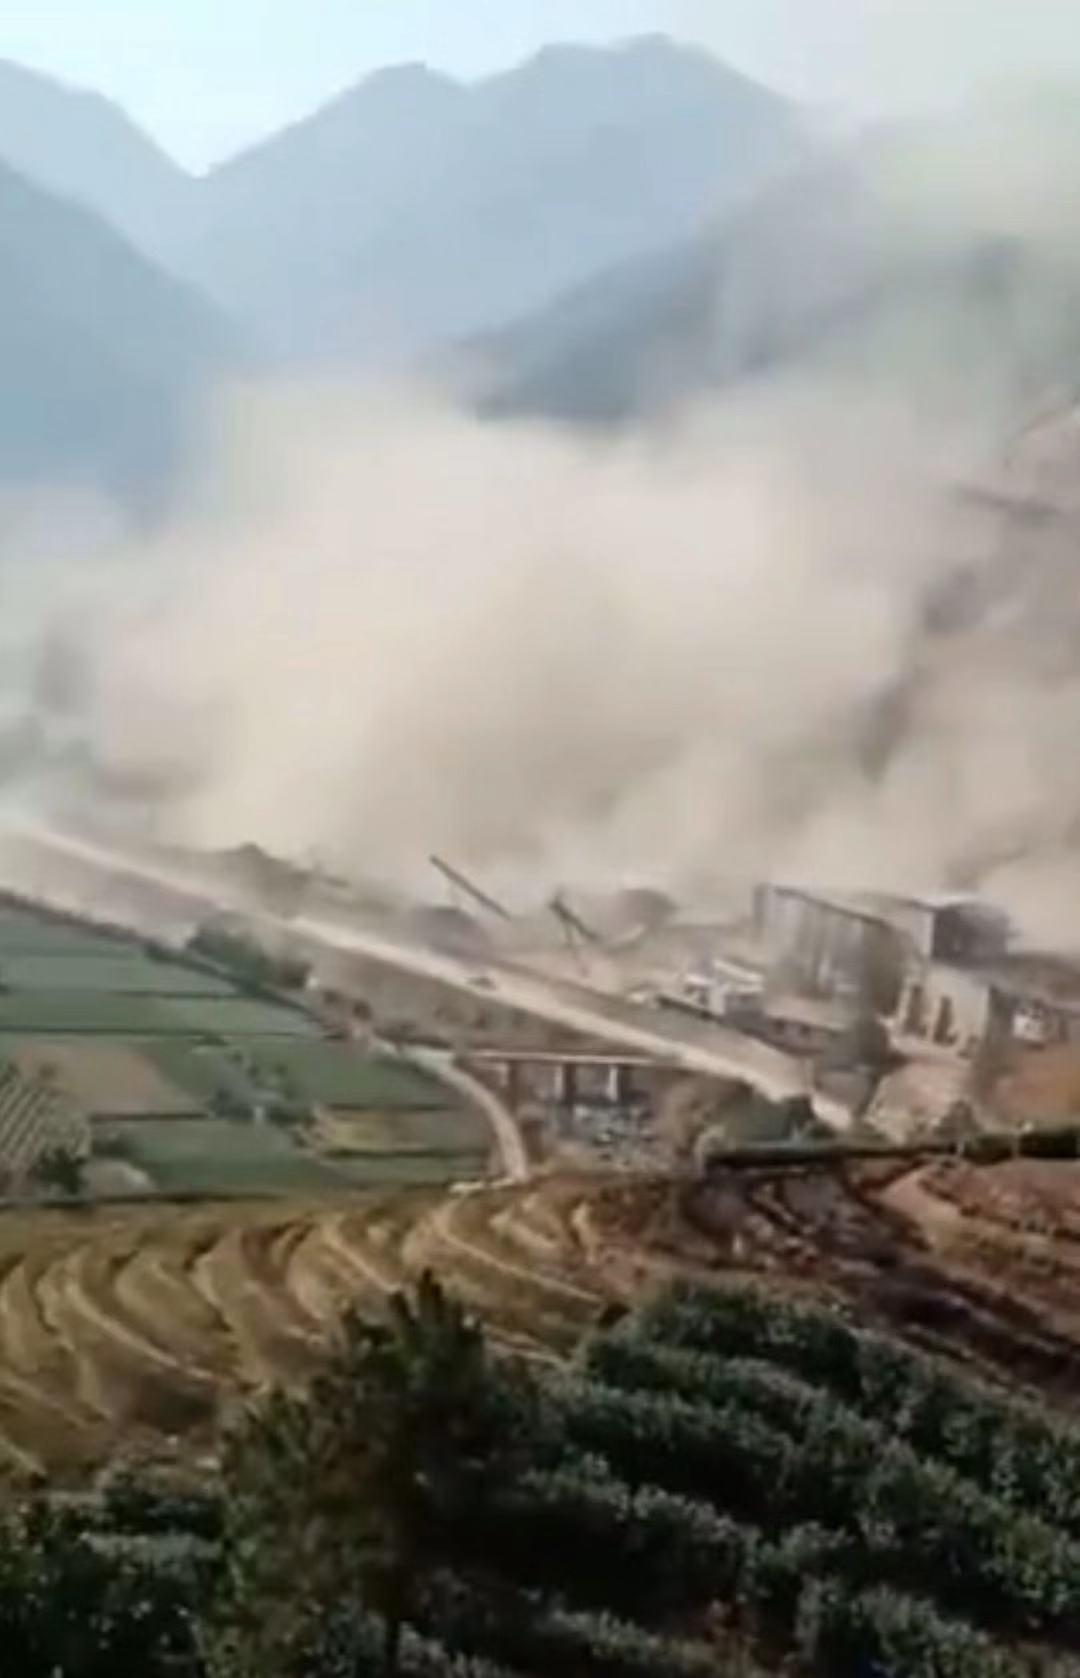 山体塌方瞬间产生大量灰尘。视频截图